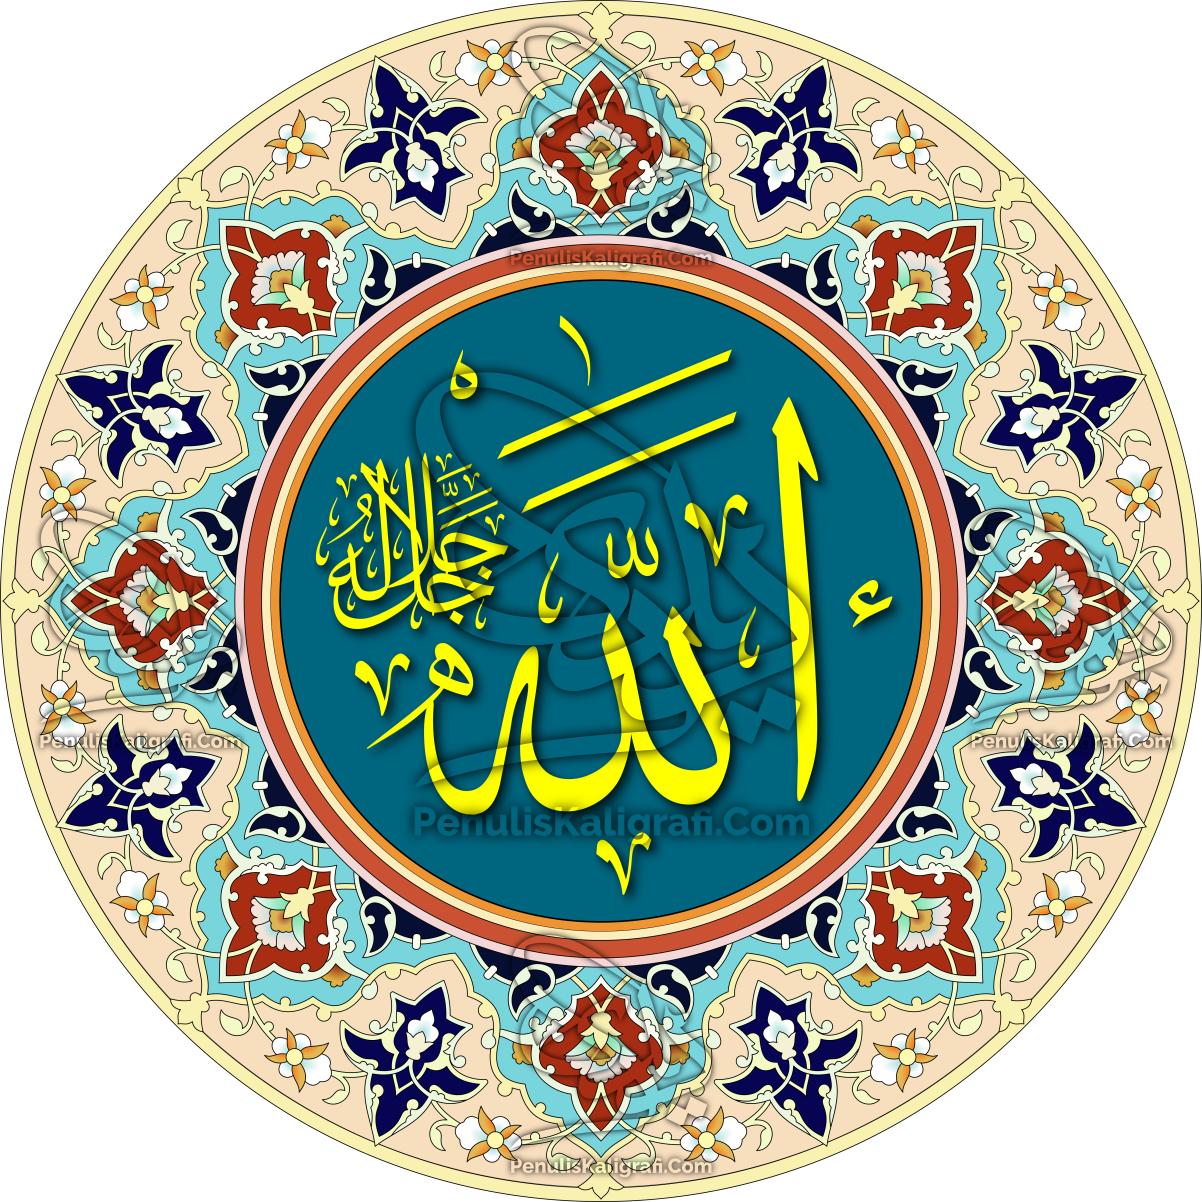 Kaligrafi Digital Penulis Kaligrafi Pekanbaru